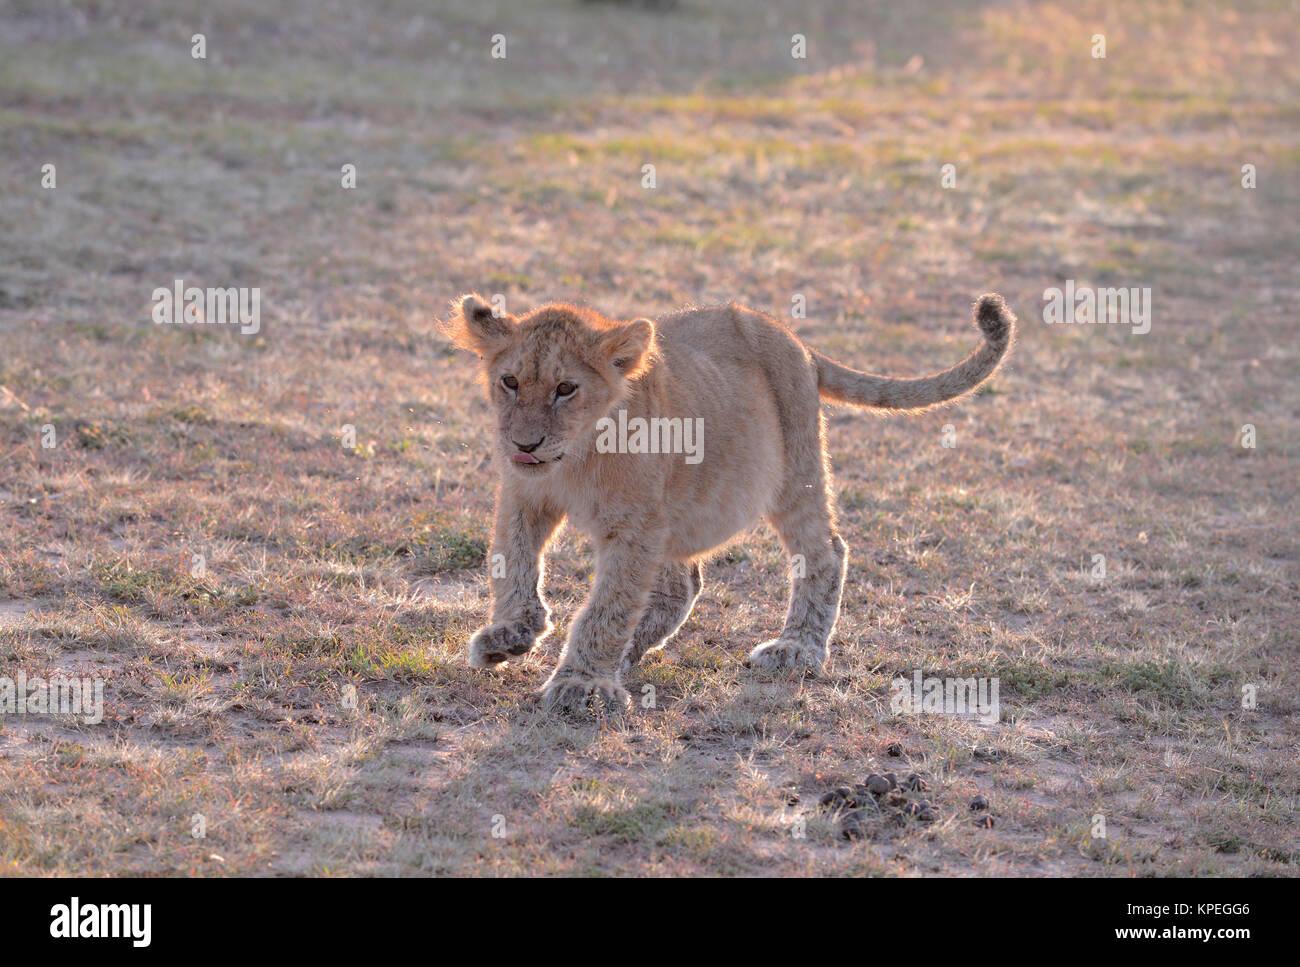 La vida silvestre en Maasai Mara, en Kenya. Pequeño cachorro de león todo en sus los propios en las praderas. Imagen De Stock